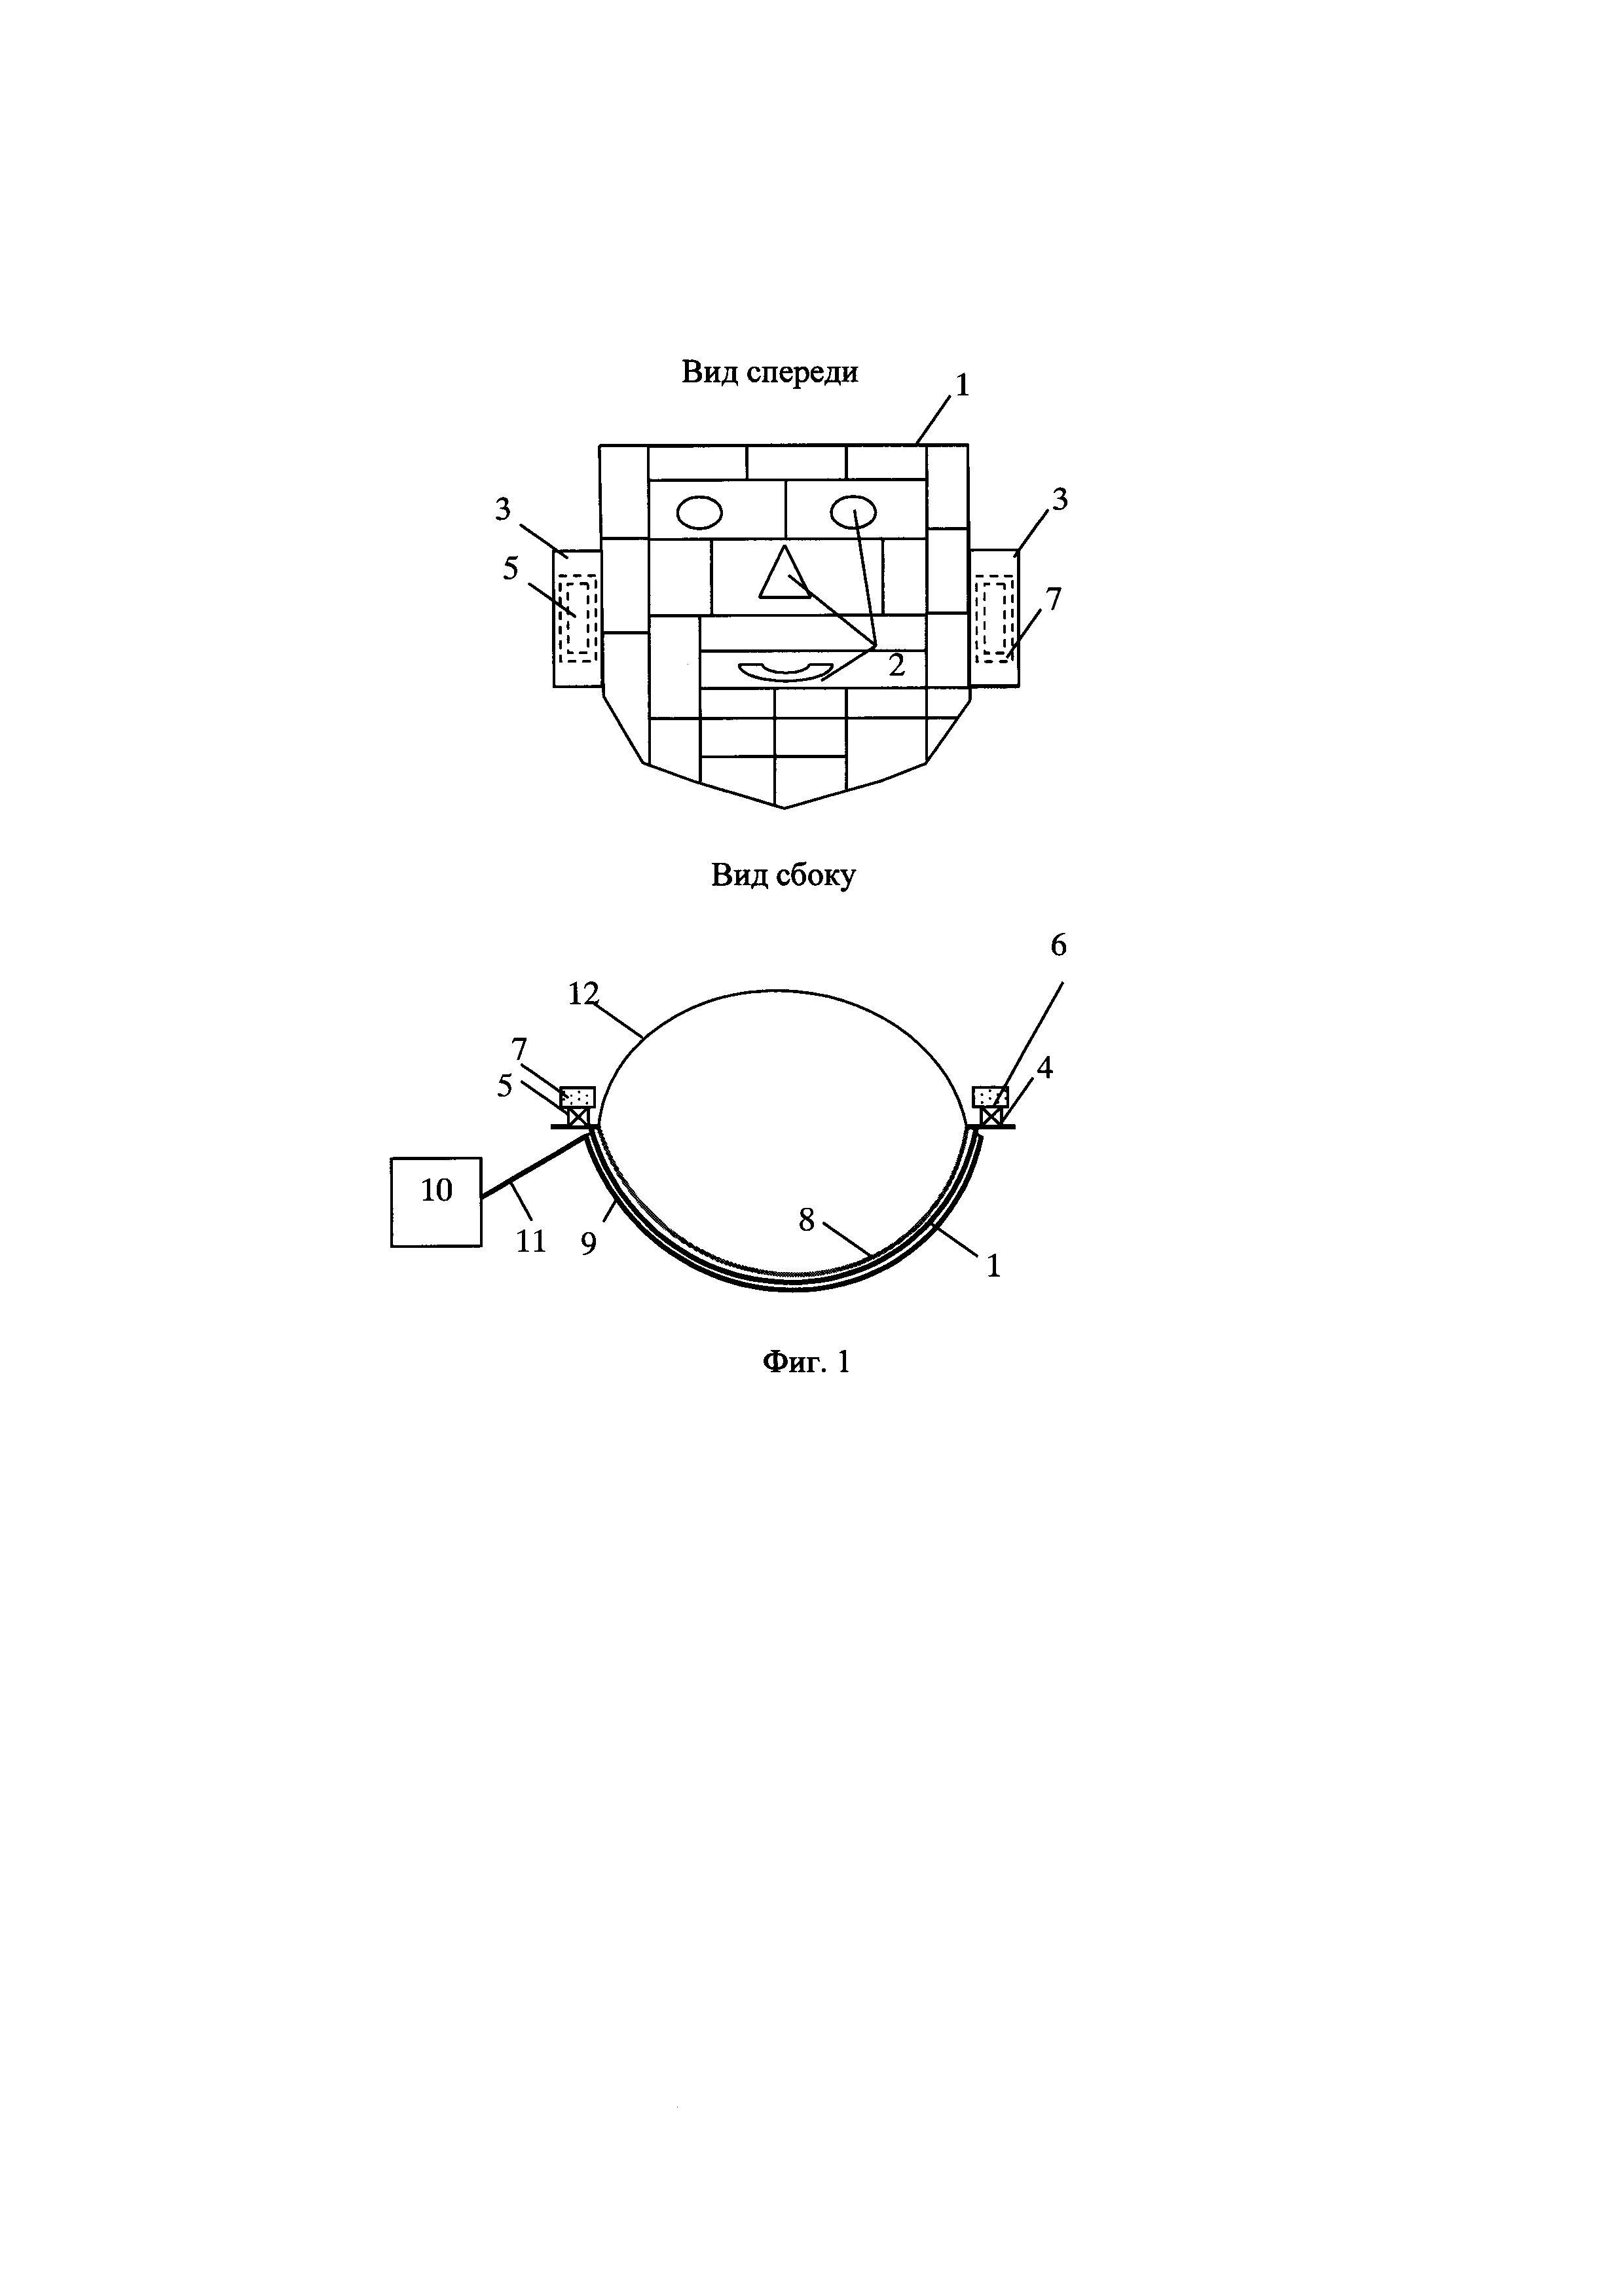 Термоэлектрическое устройство для проведения тепловых косметологических процедур на лицо человека